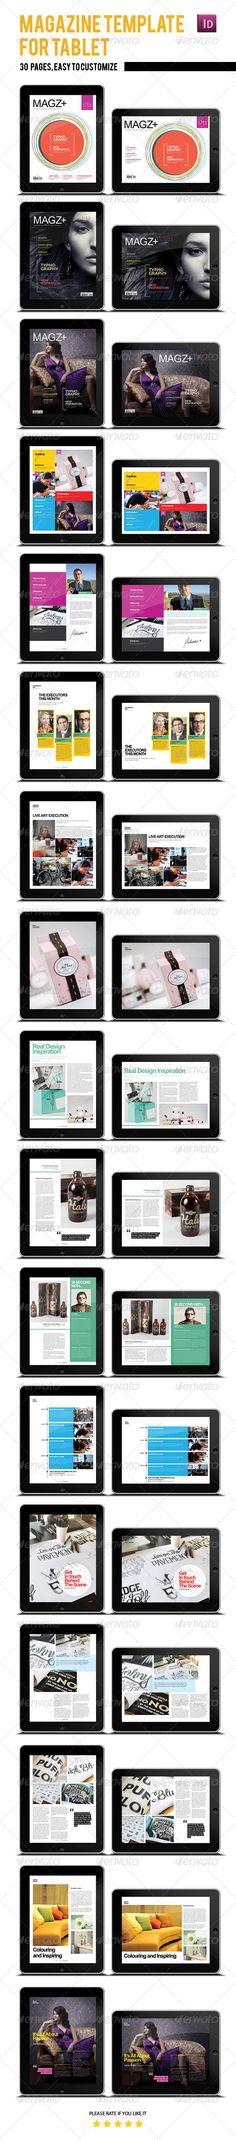 Tablet Magazine Template - Digital Magazines ePublishing